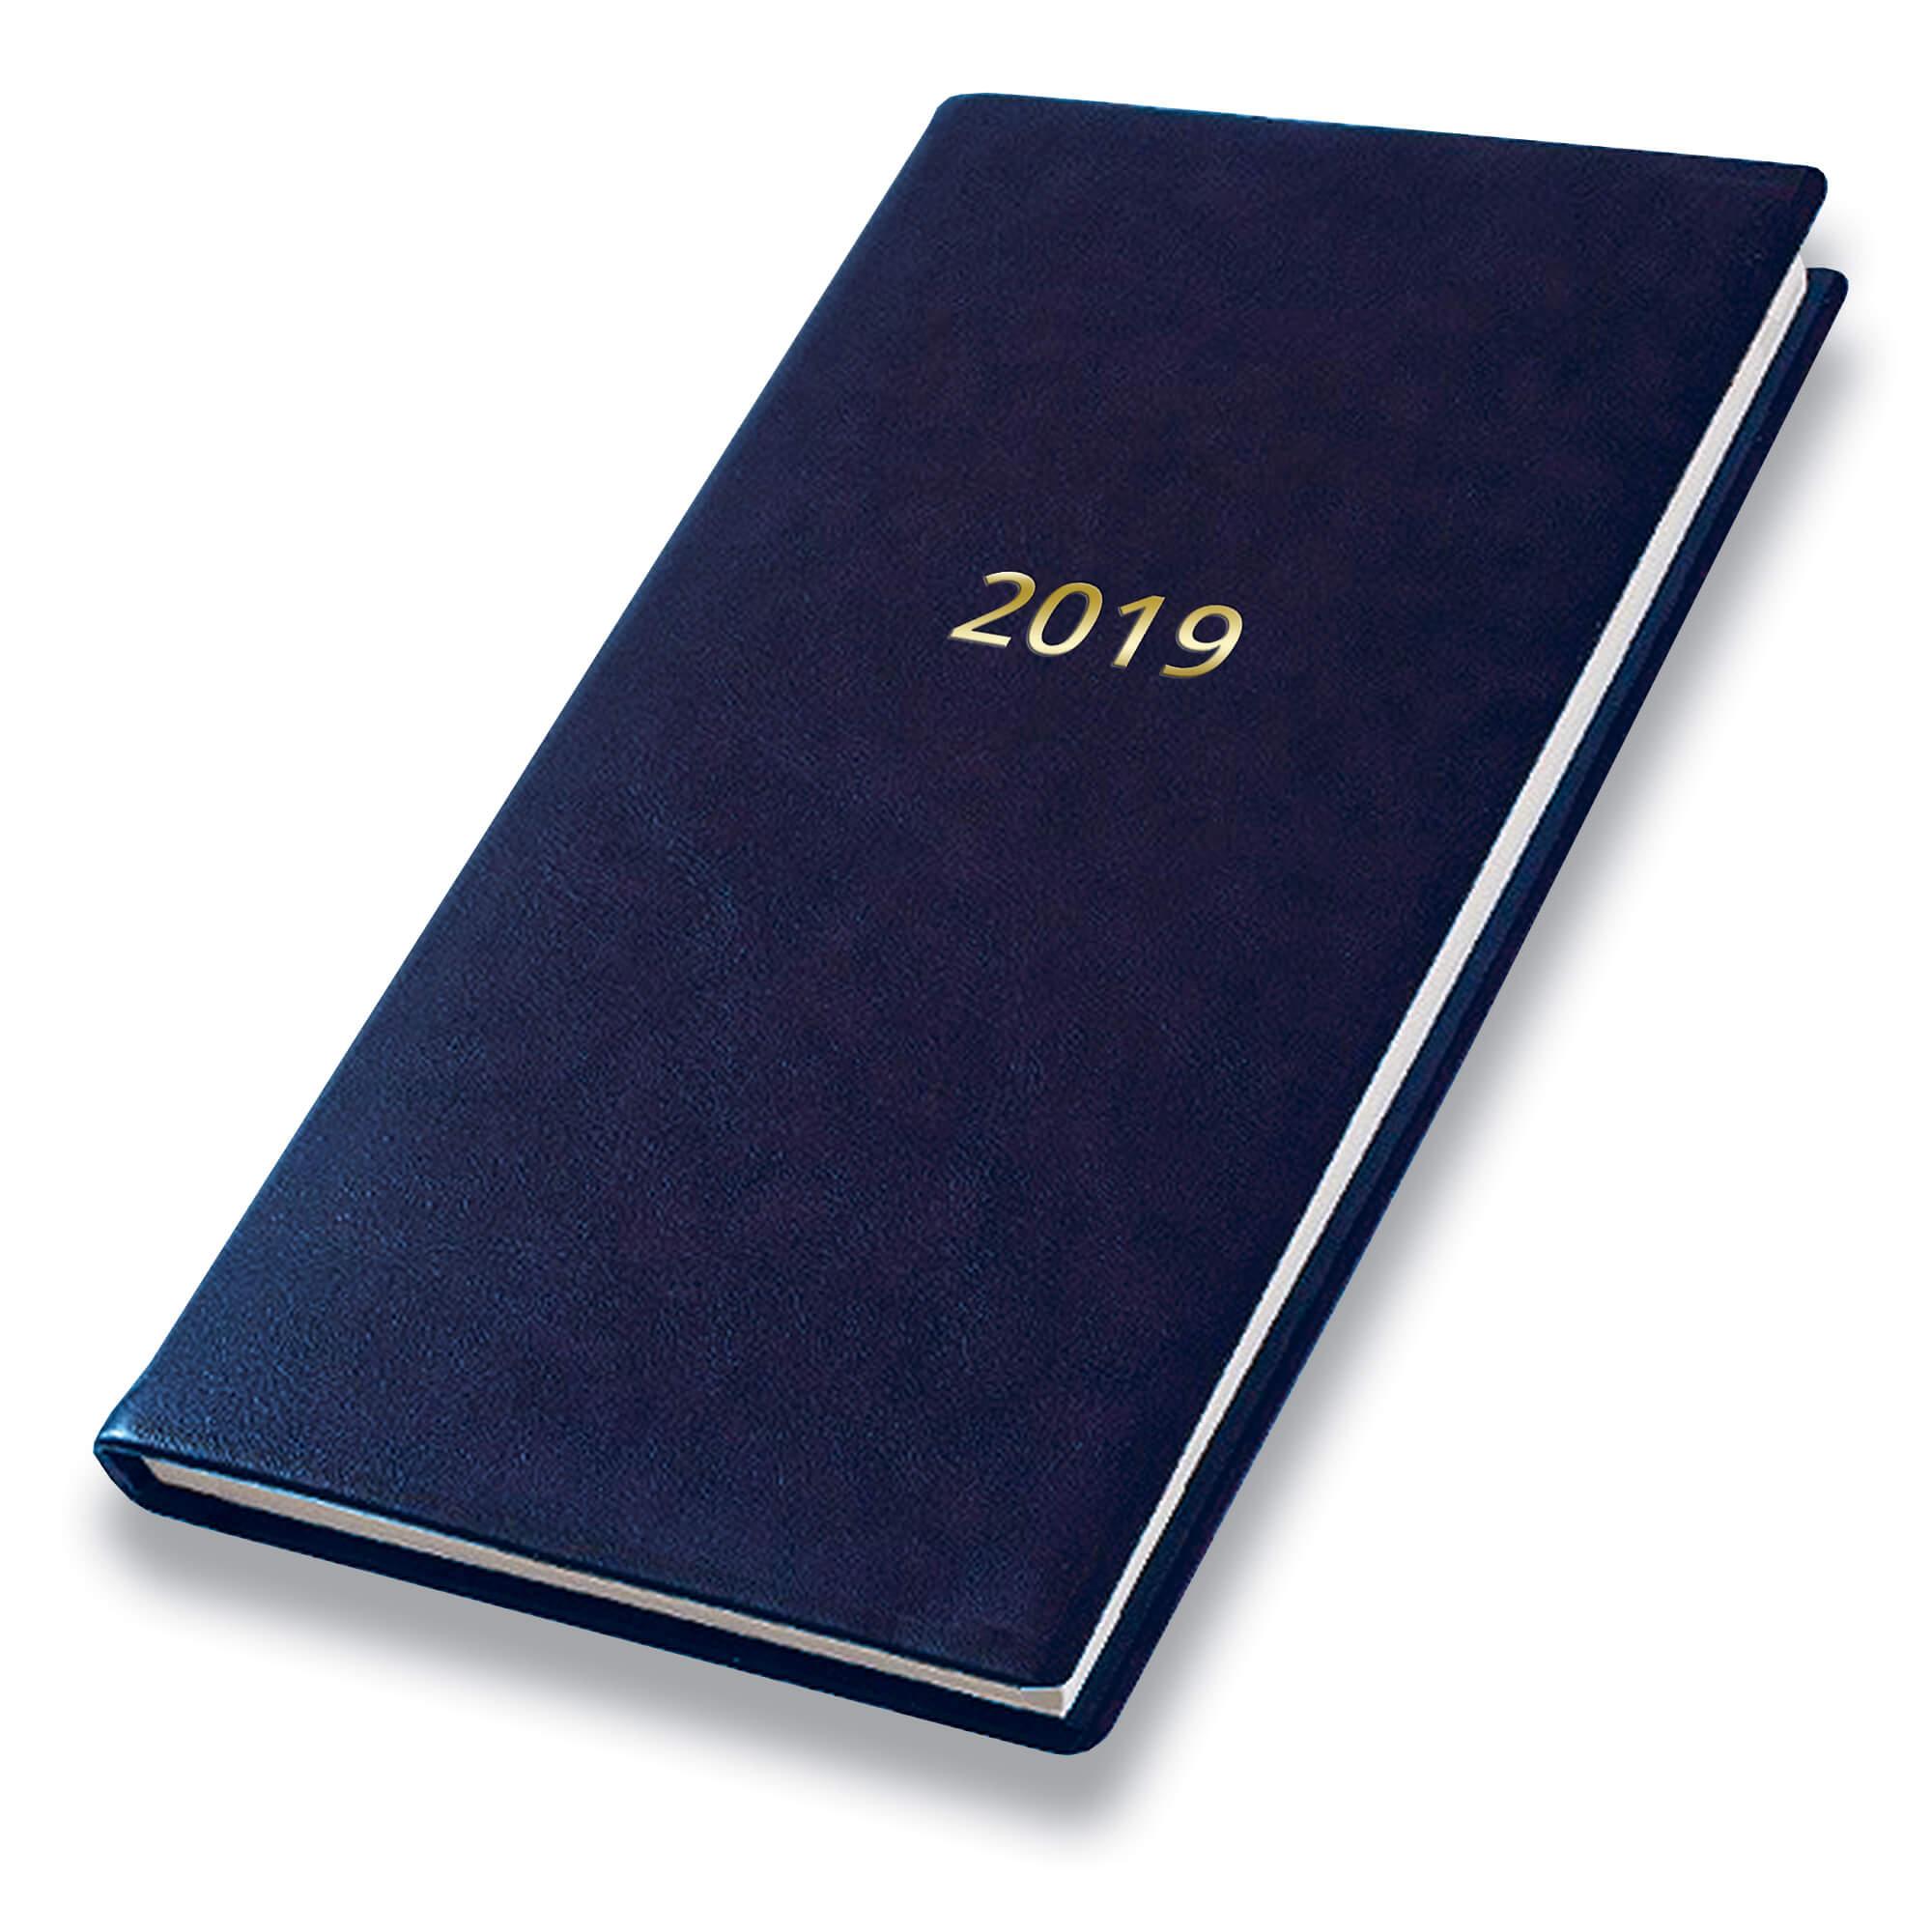 2019 Diaries